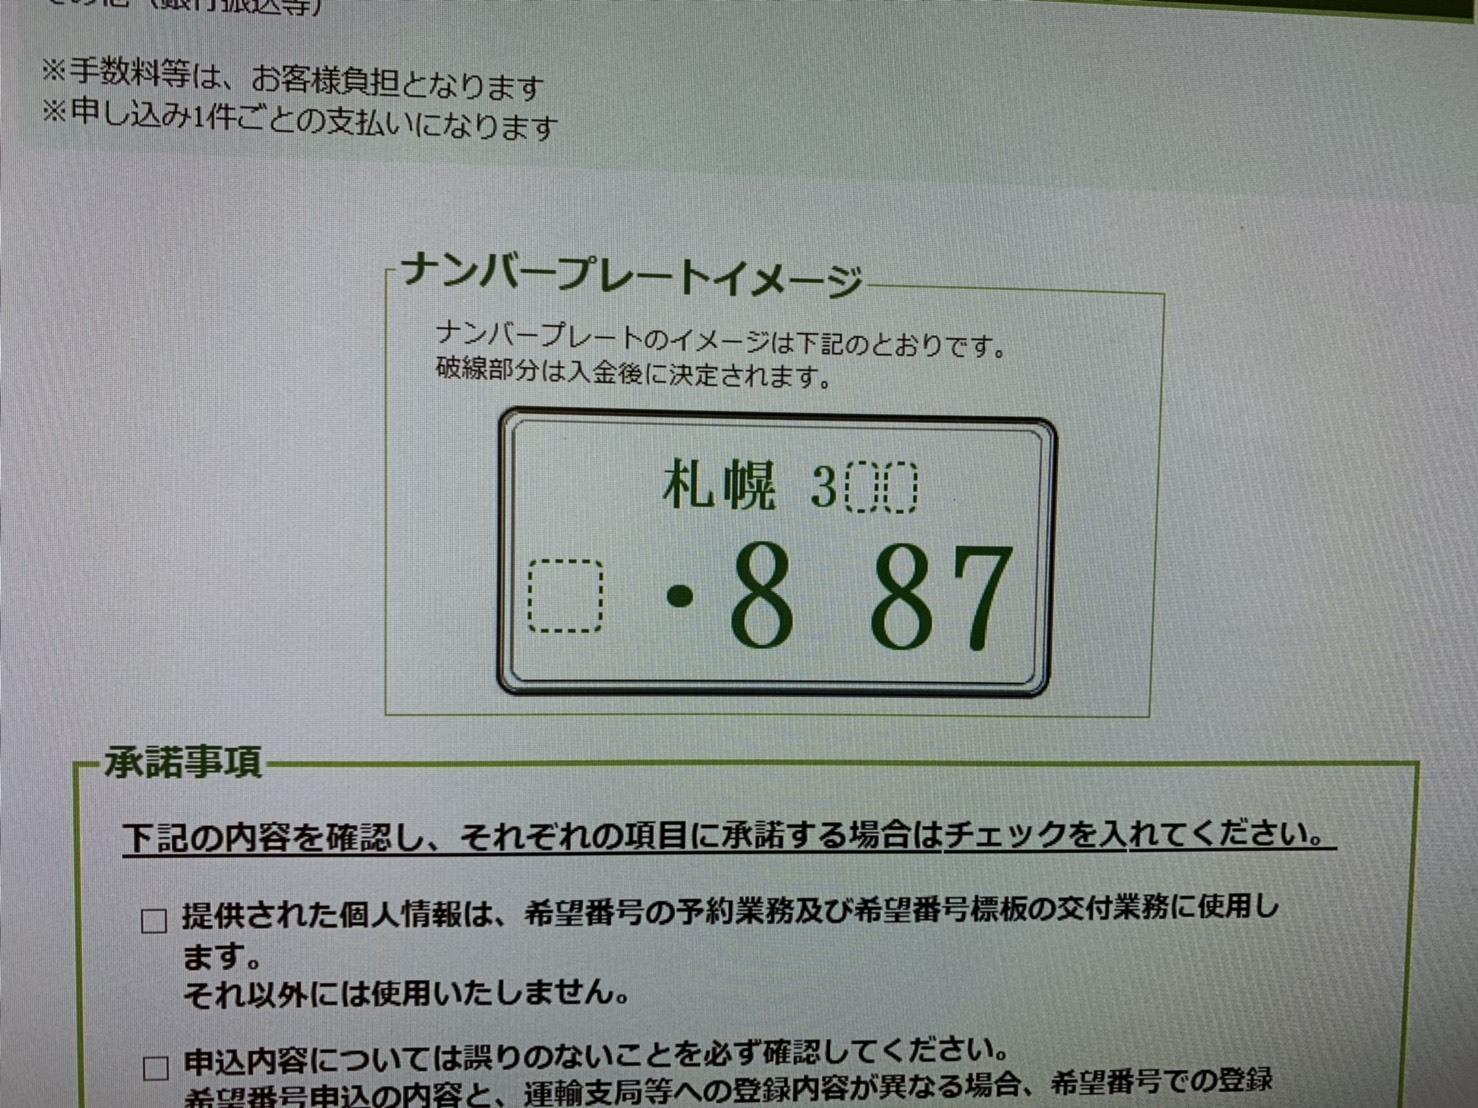 b0127002_14285944.jpg